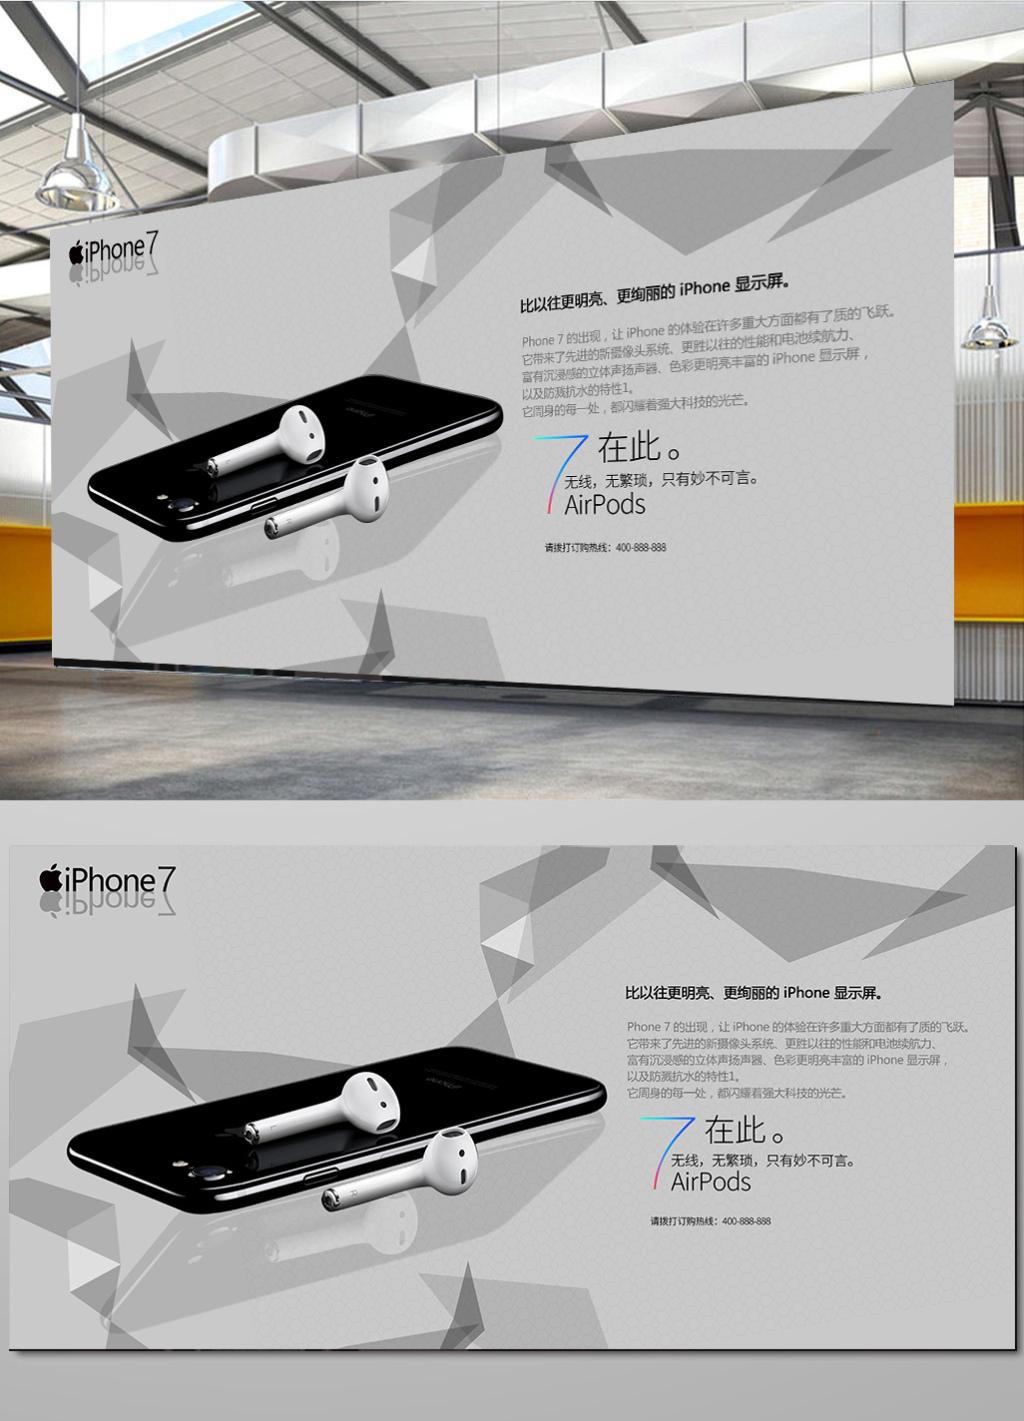 iphone7海报苹果7预订预售海.